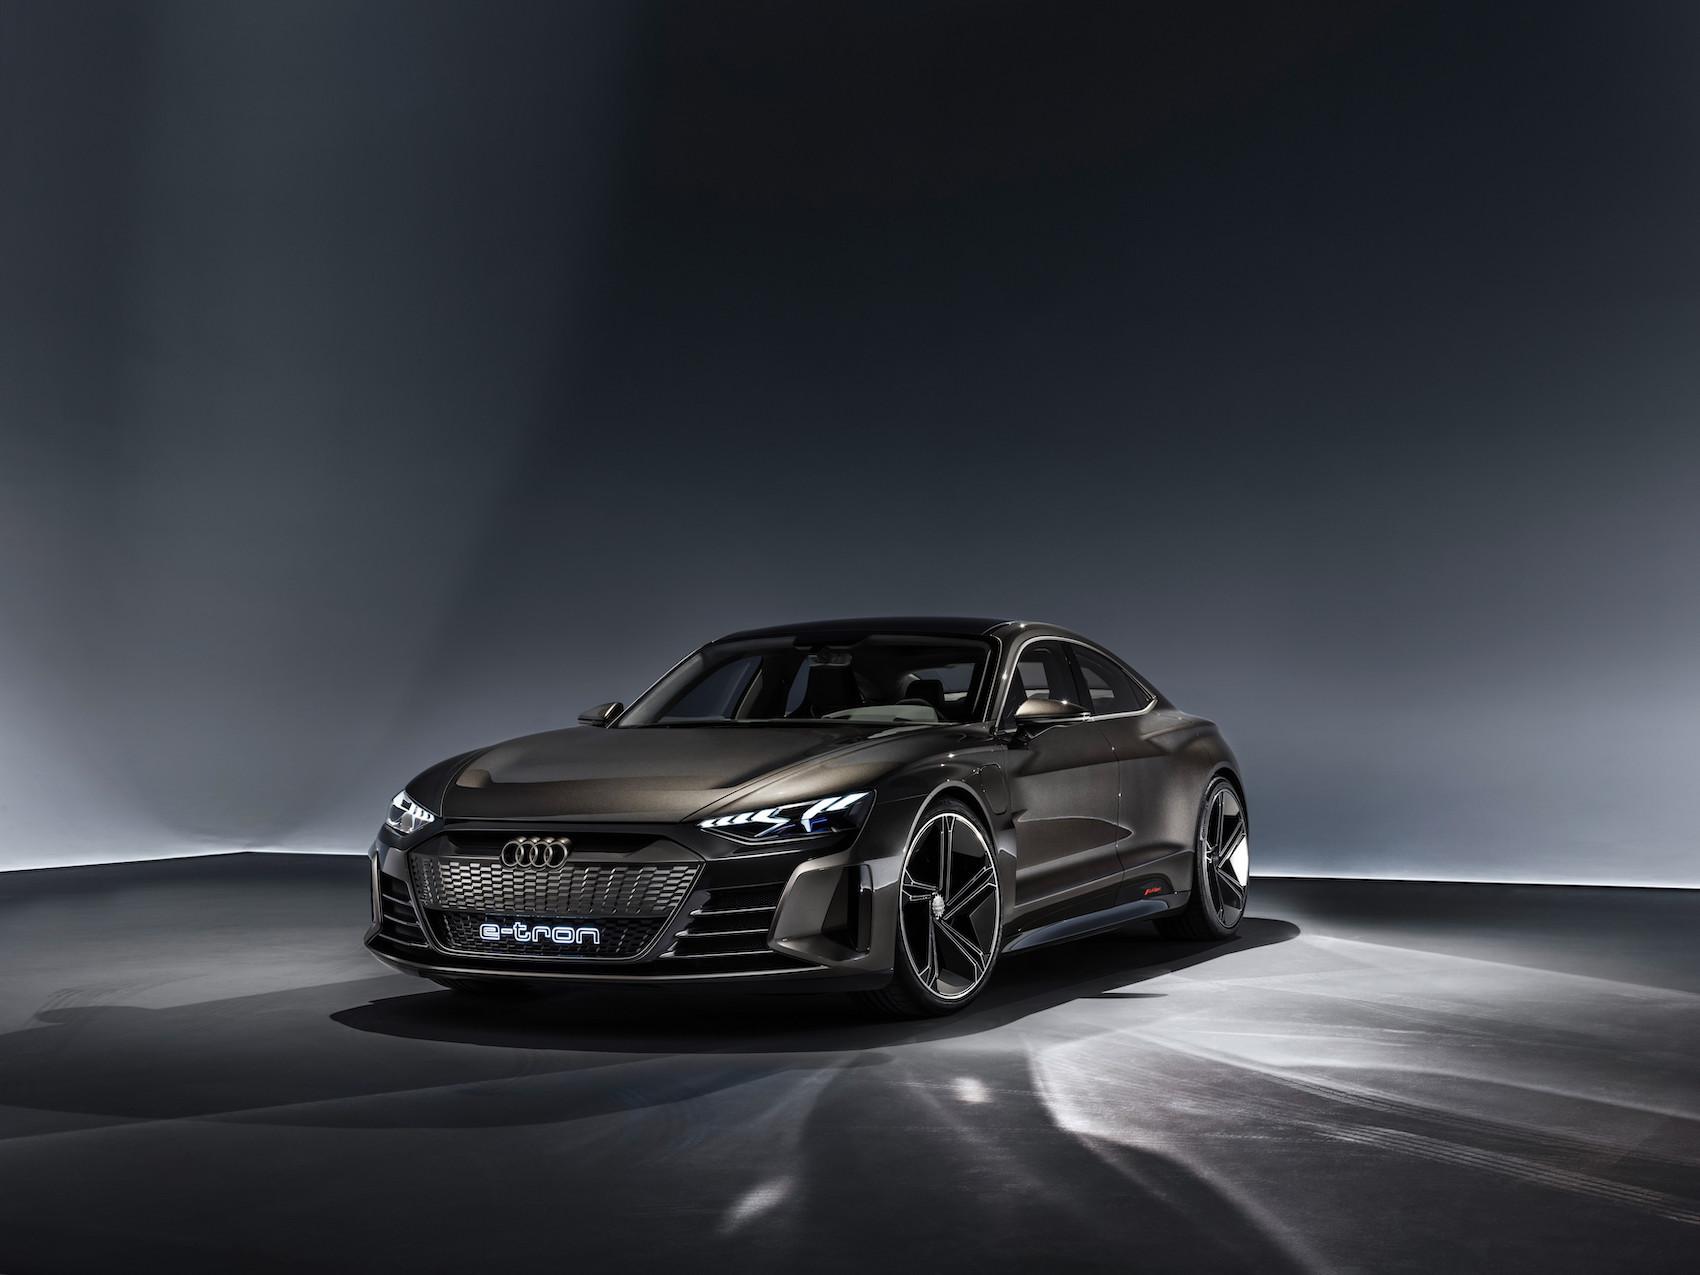 Der Audi e-tron GT concept braucht bloss 3,5 Sekunden von 0 auf 100 km/h. (Audi)